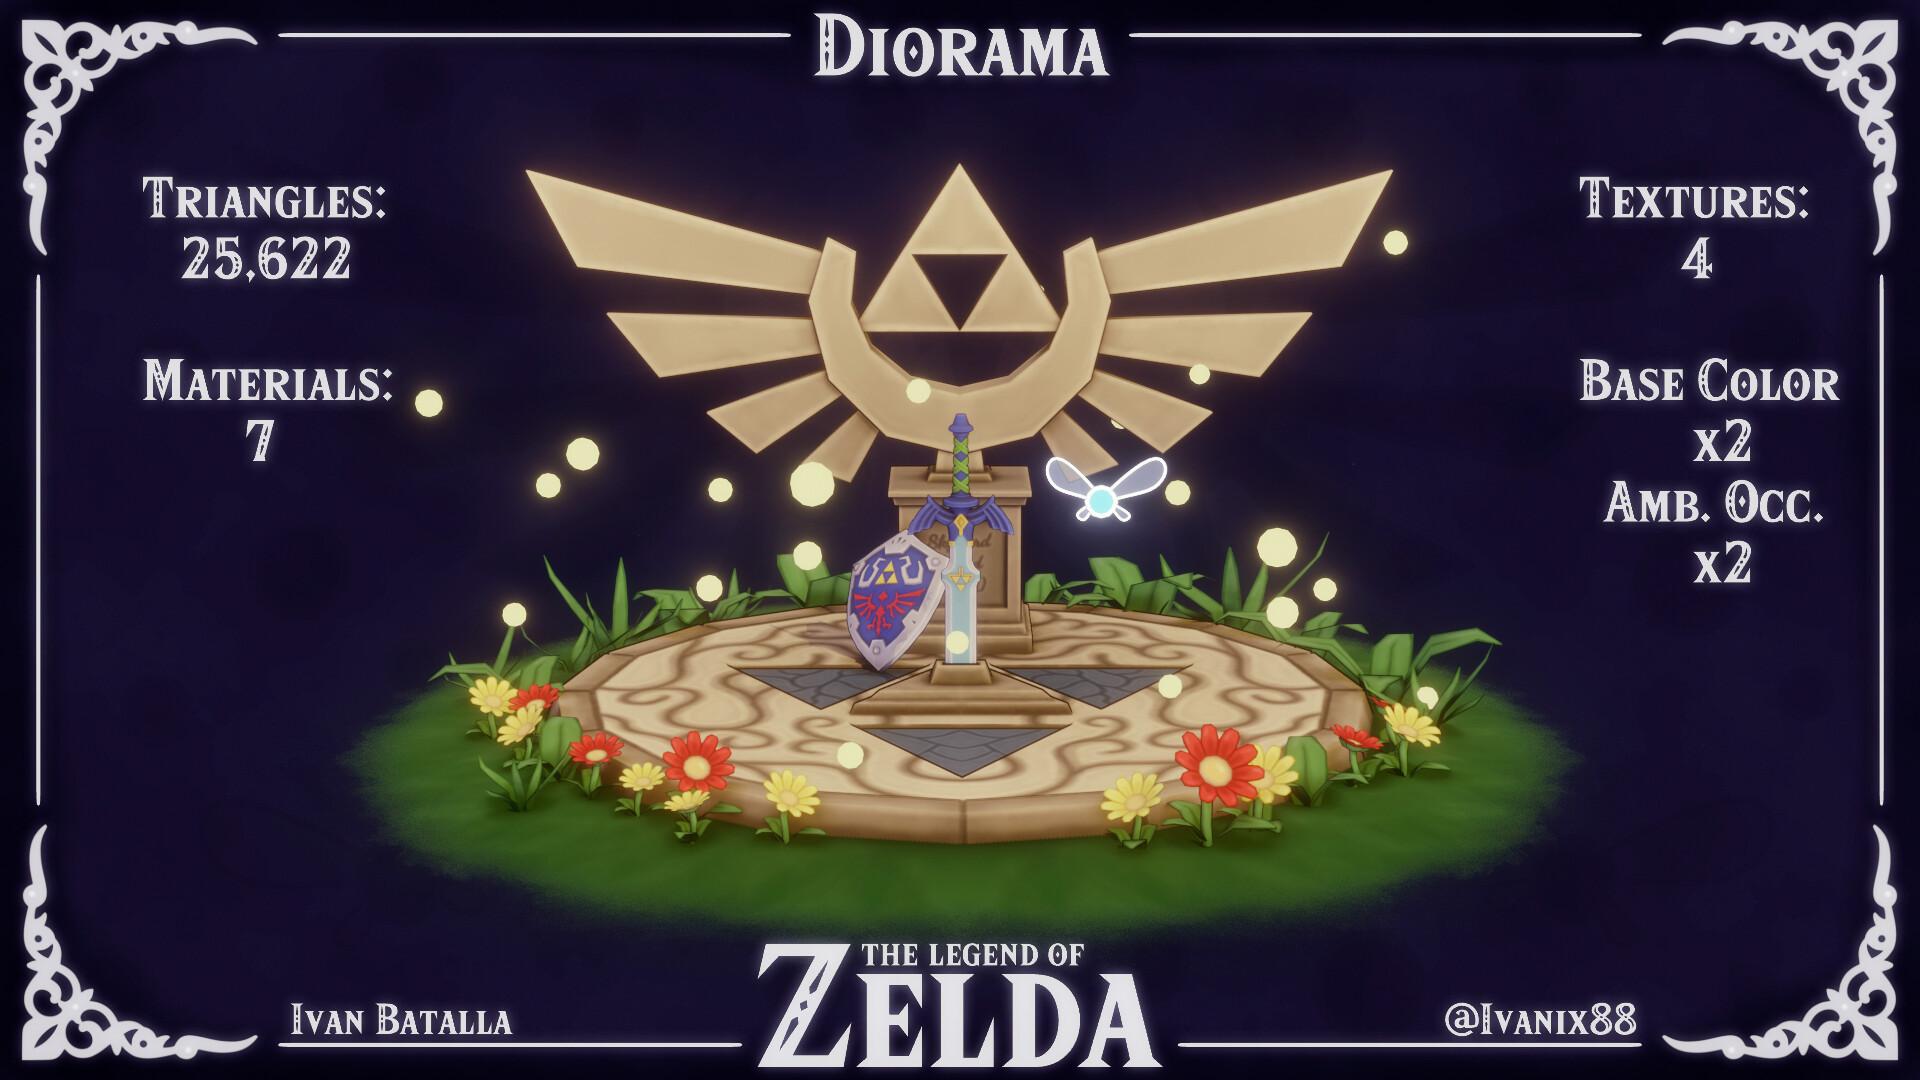 Diorama.